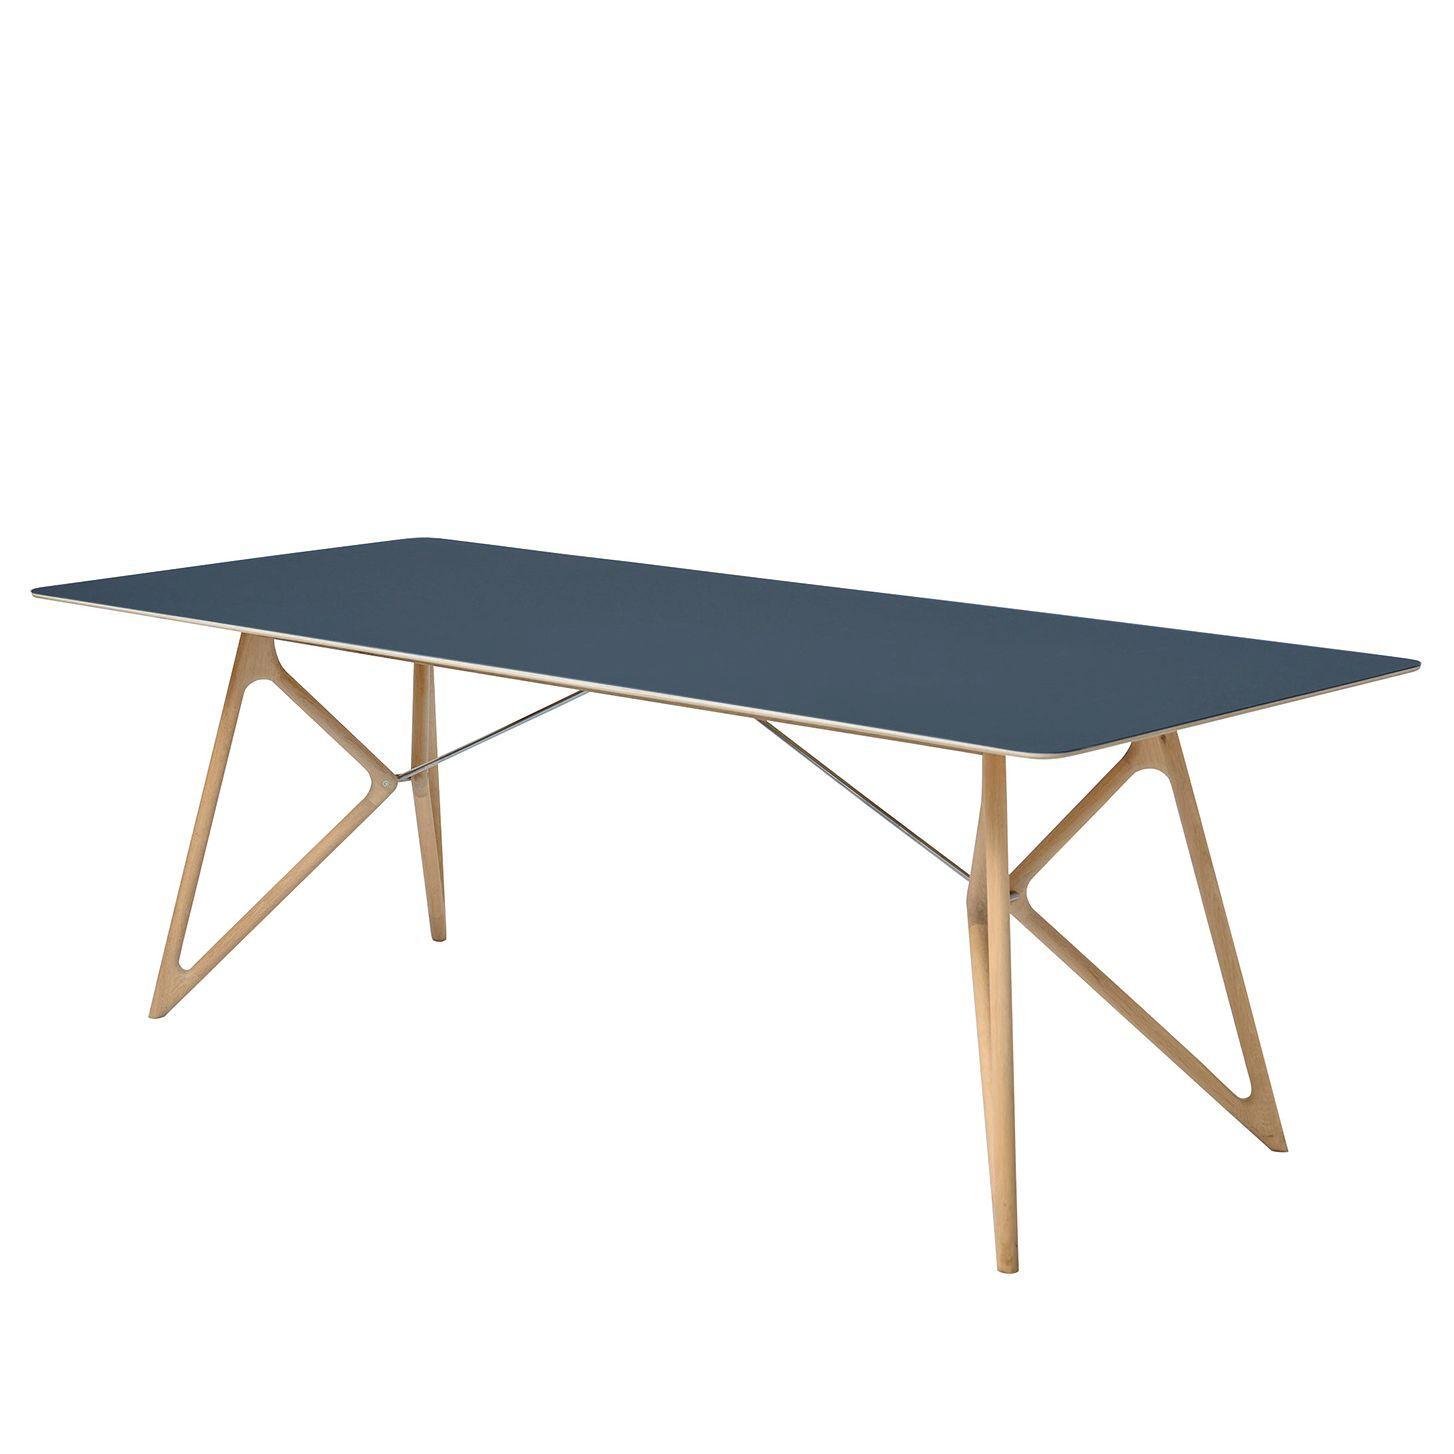 esstisch tink eiche massiv linoleum petrol eiche. Black Bedroom Furniture Sets. Home Design Ideas